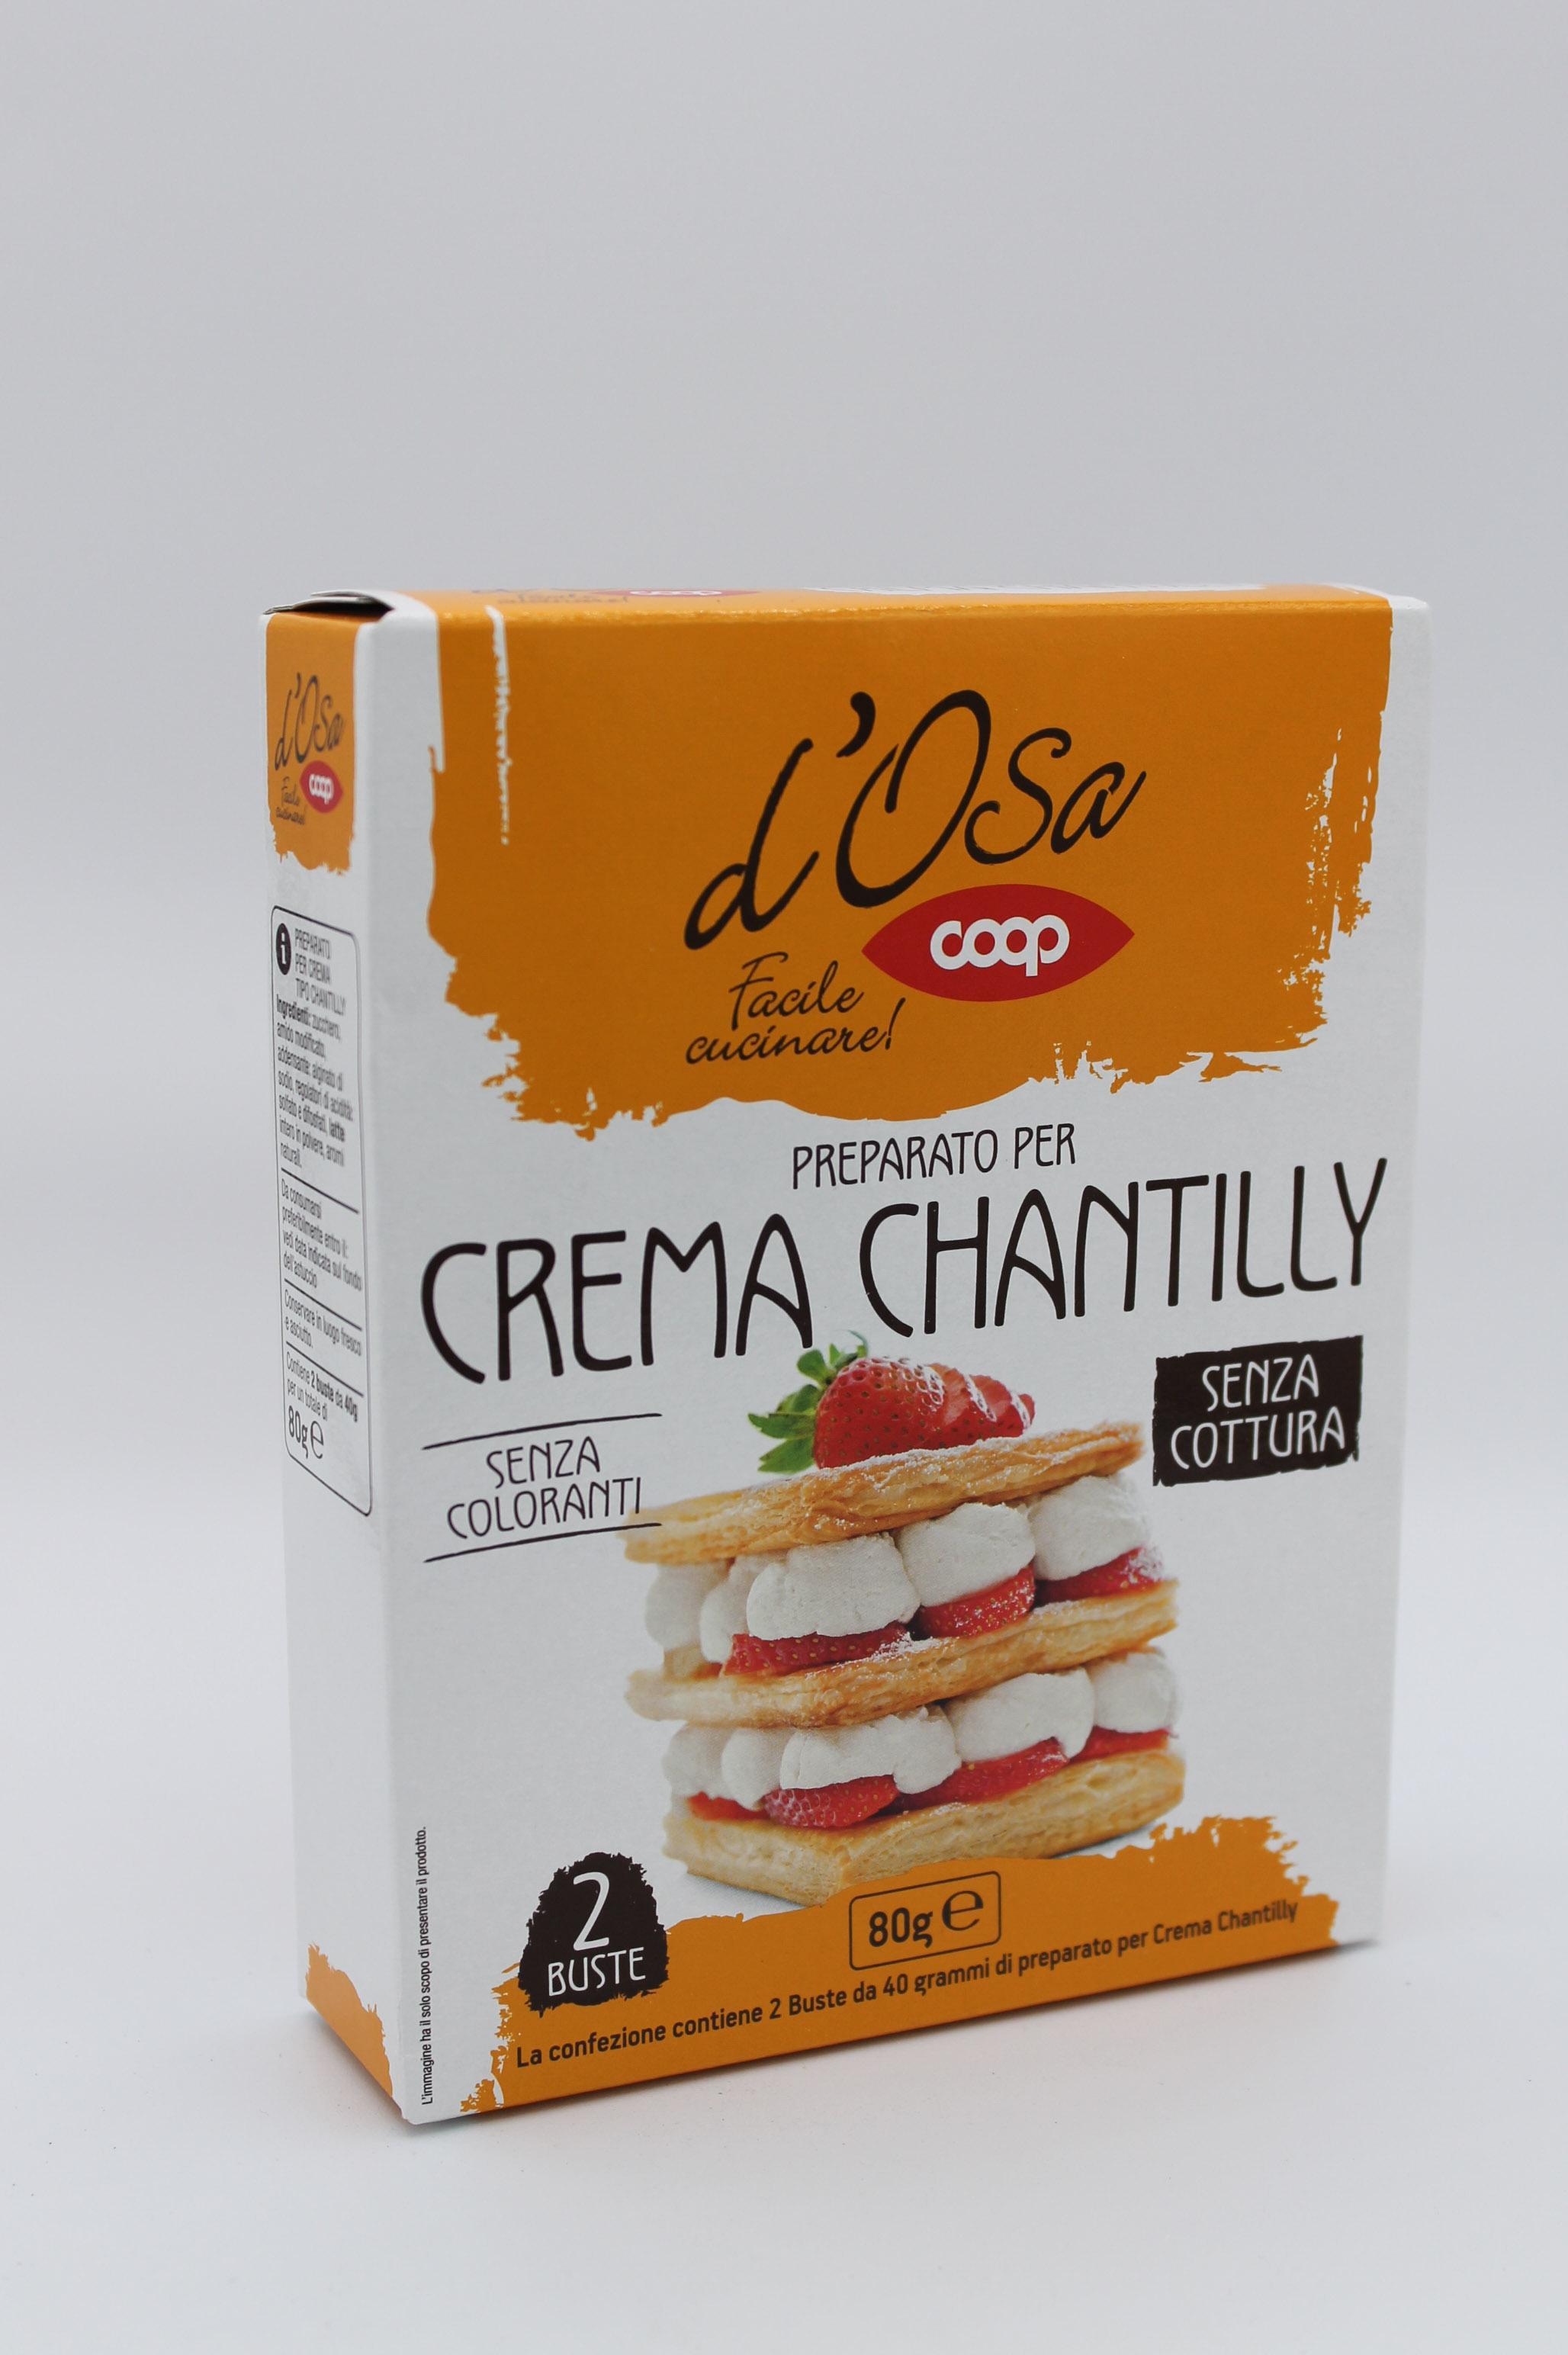 Preparato per crema chantilly coop